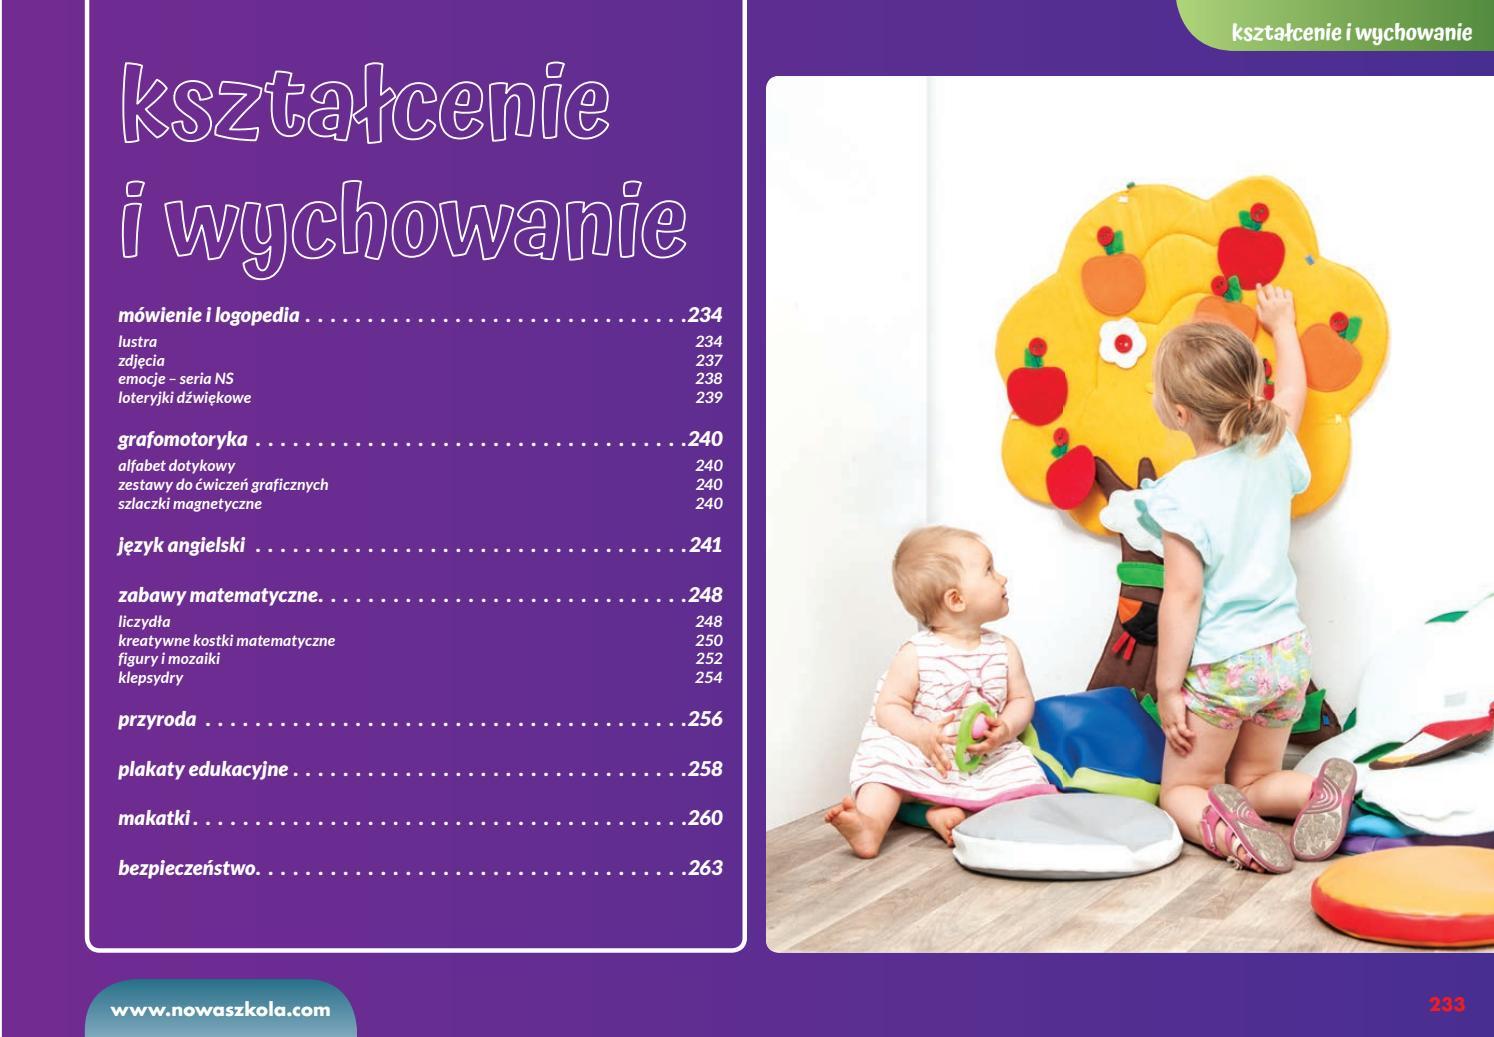 Katalog Maluch + Opieka Żłobkowa 2018/2019 (Kształcenie i Wychowanie